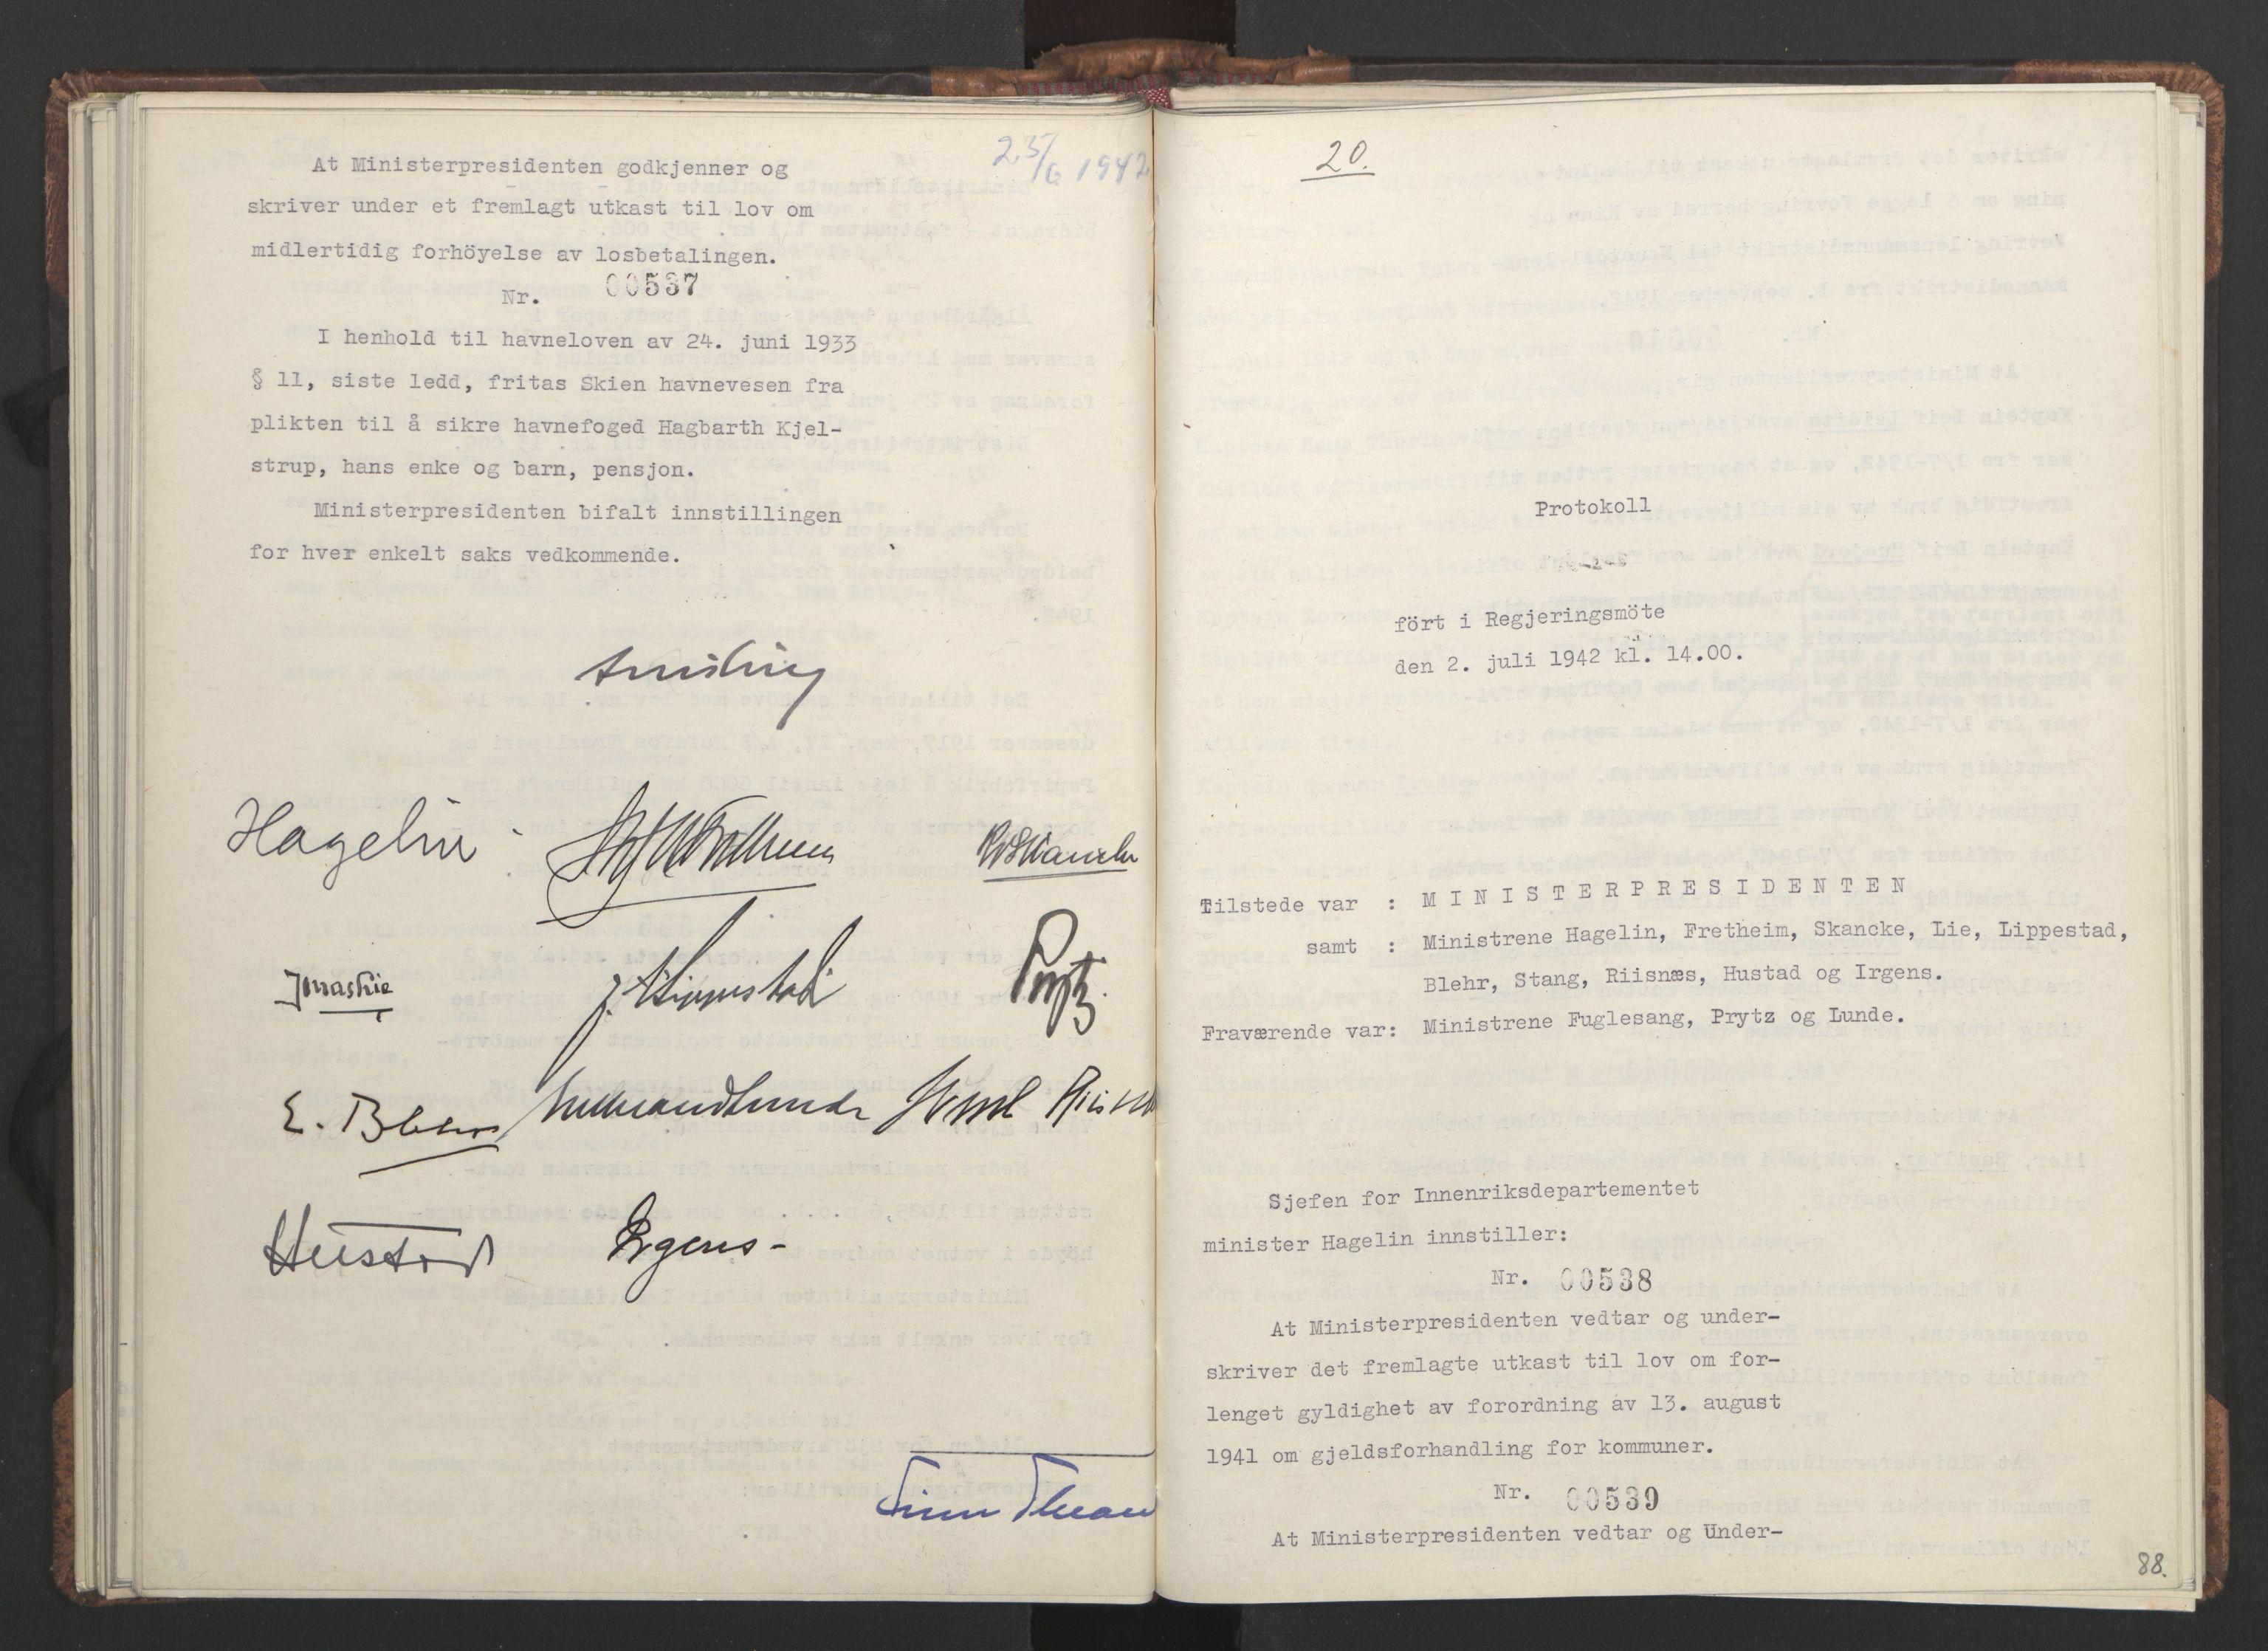 RA, NS-administrasjonen 1940-1945 (Statsrådsekretariatet, de kommisariske statsråder mm), D/Da/L0001: Beslutninger og tillegg (1-952 og 1-32), 1942, s. 87b-88a